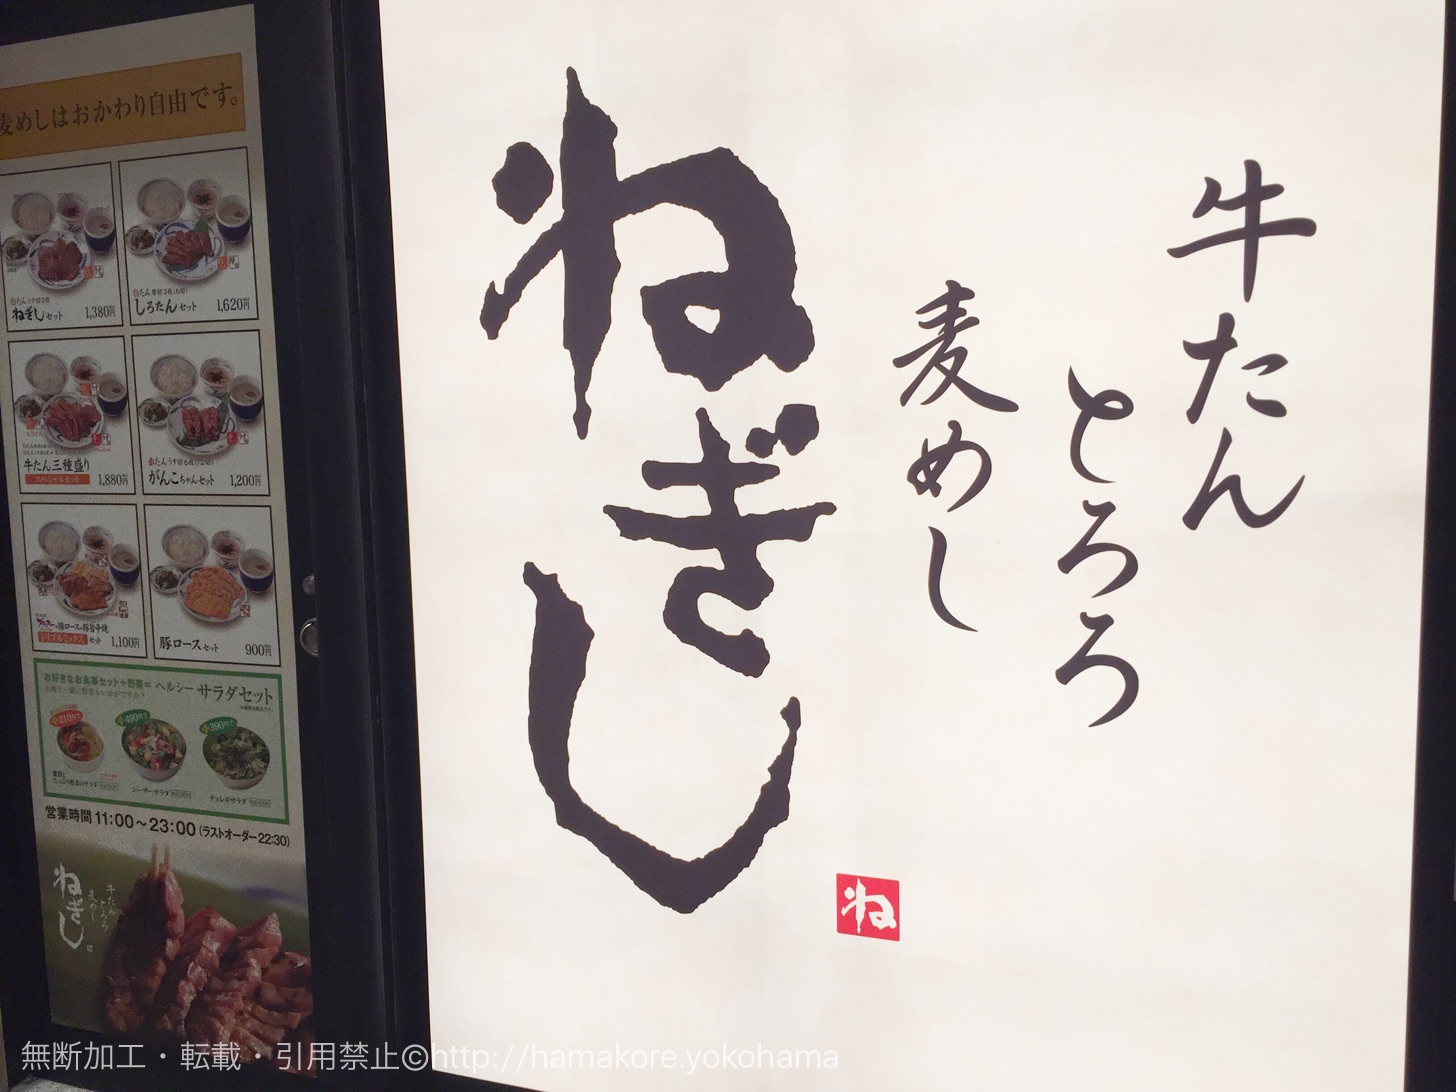 ねぎし 横浜ポルタ店 外観